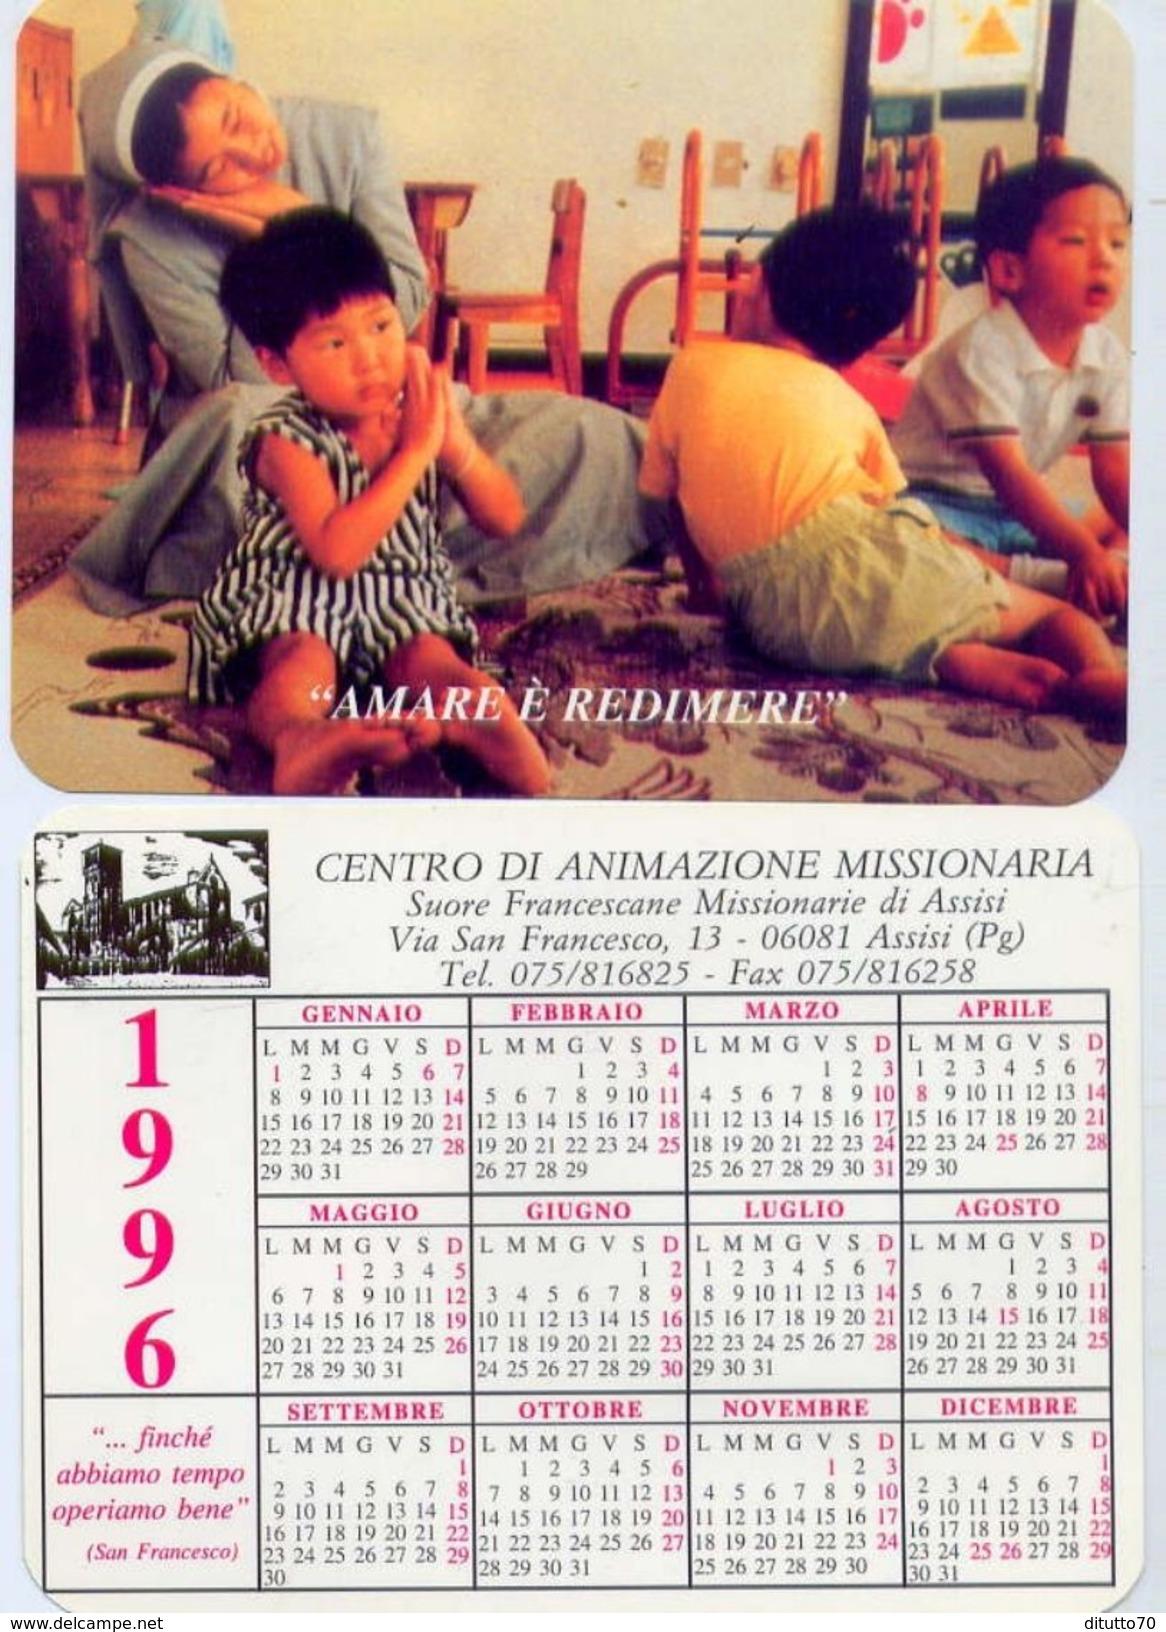 Calendarietto - Amare E Redimere - Centro Di Animazione Missionaria Di Assisi 1996 - Formato Piccolo : 1991-00